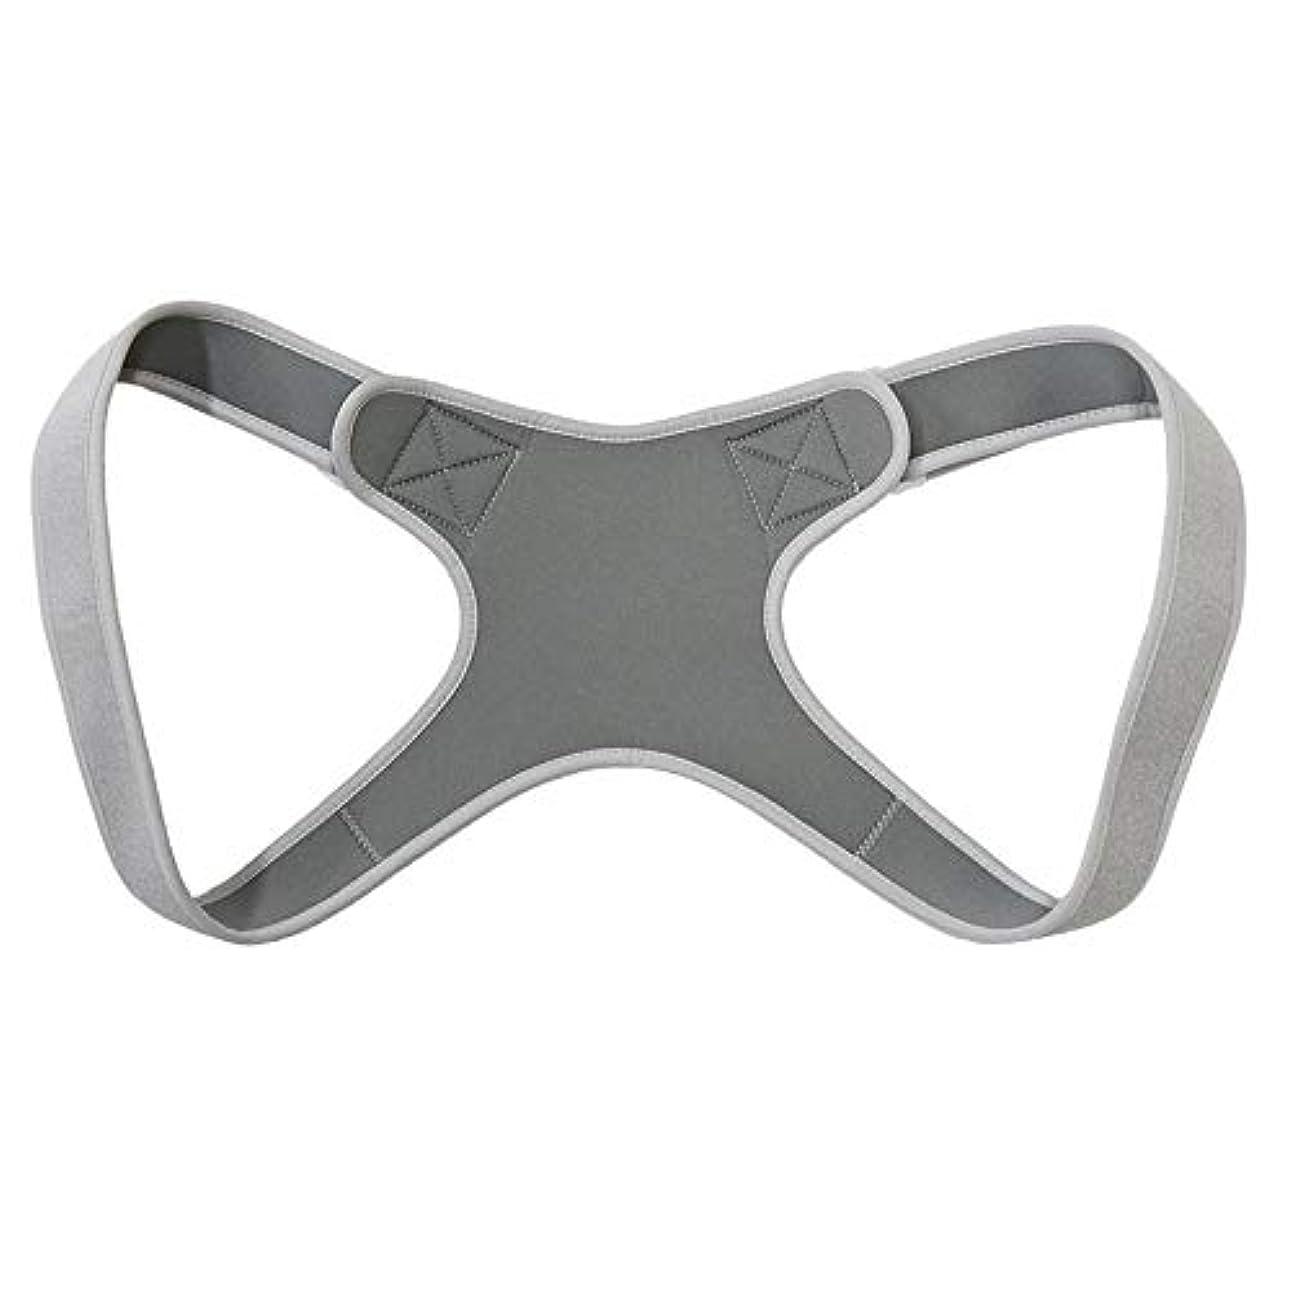 口頭スチュアート島サスティーン新しいアッパーバックポスチャーコレクター姿勢鎖骨サポートコレクターバックストレートショルダーブレースストラップコレクター - グレー